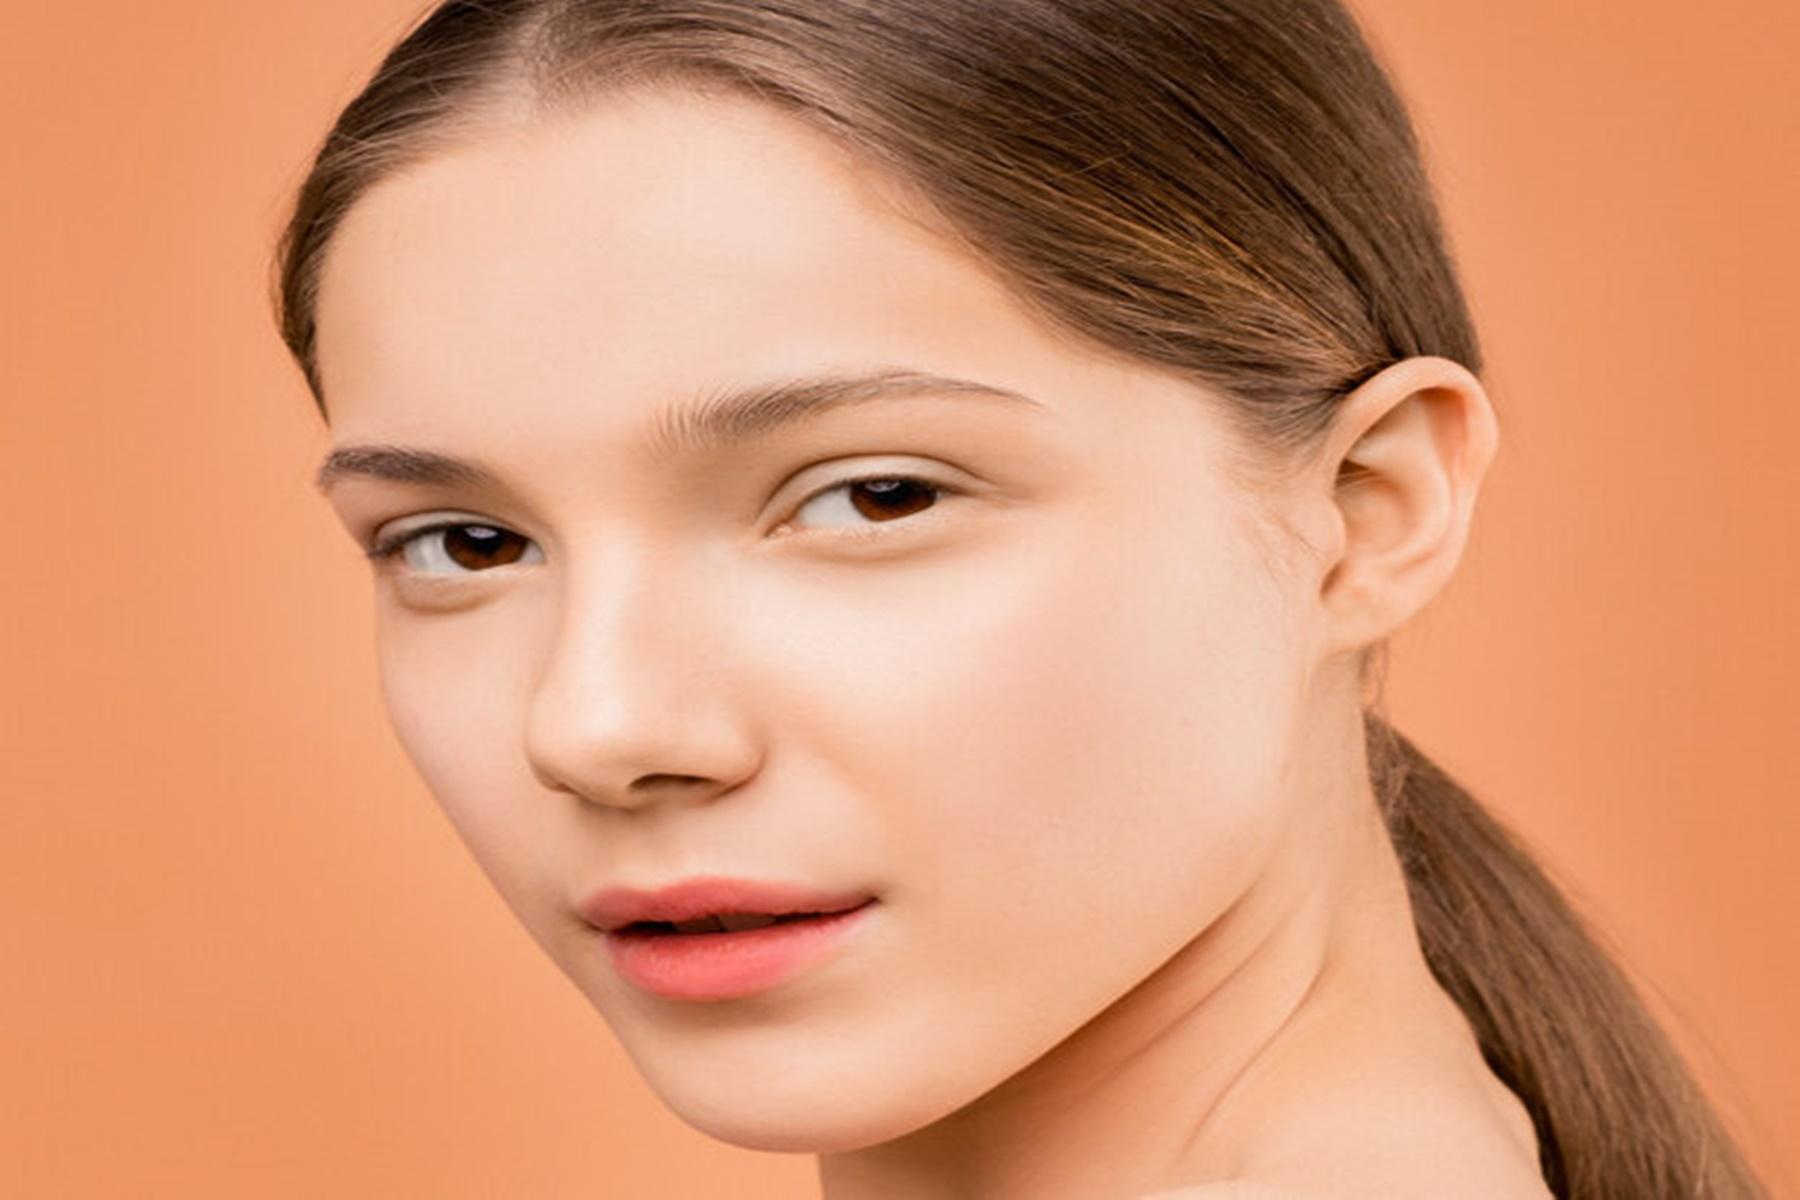 Καθαρό δέρμα : Συμβουλές για να το αποκτήσετε